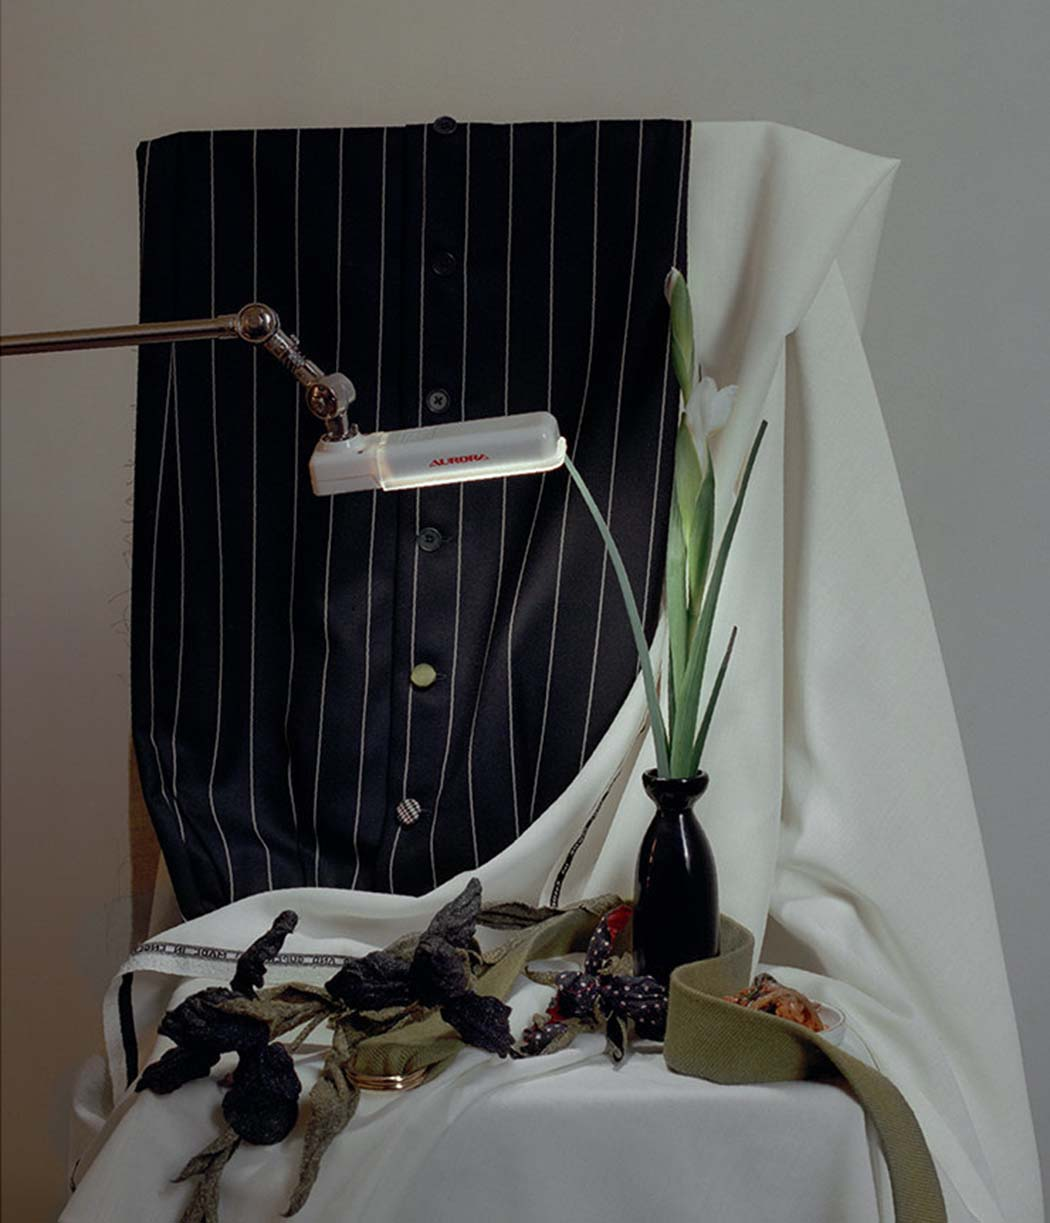 Fashion-JKimFW17-Still Lifes-EugeneShishkin-09